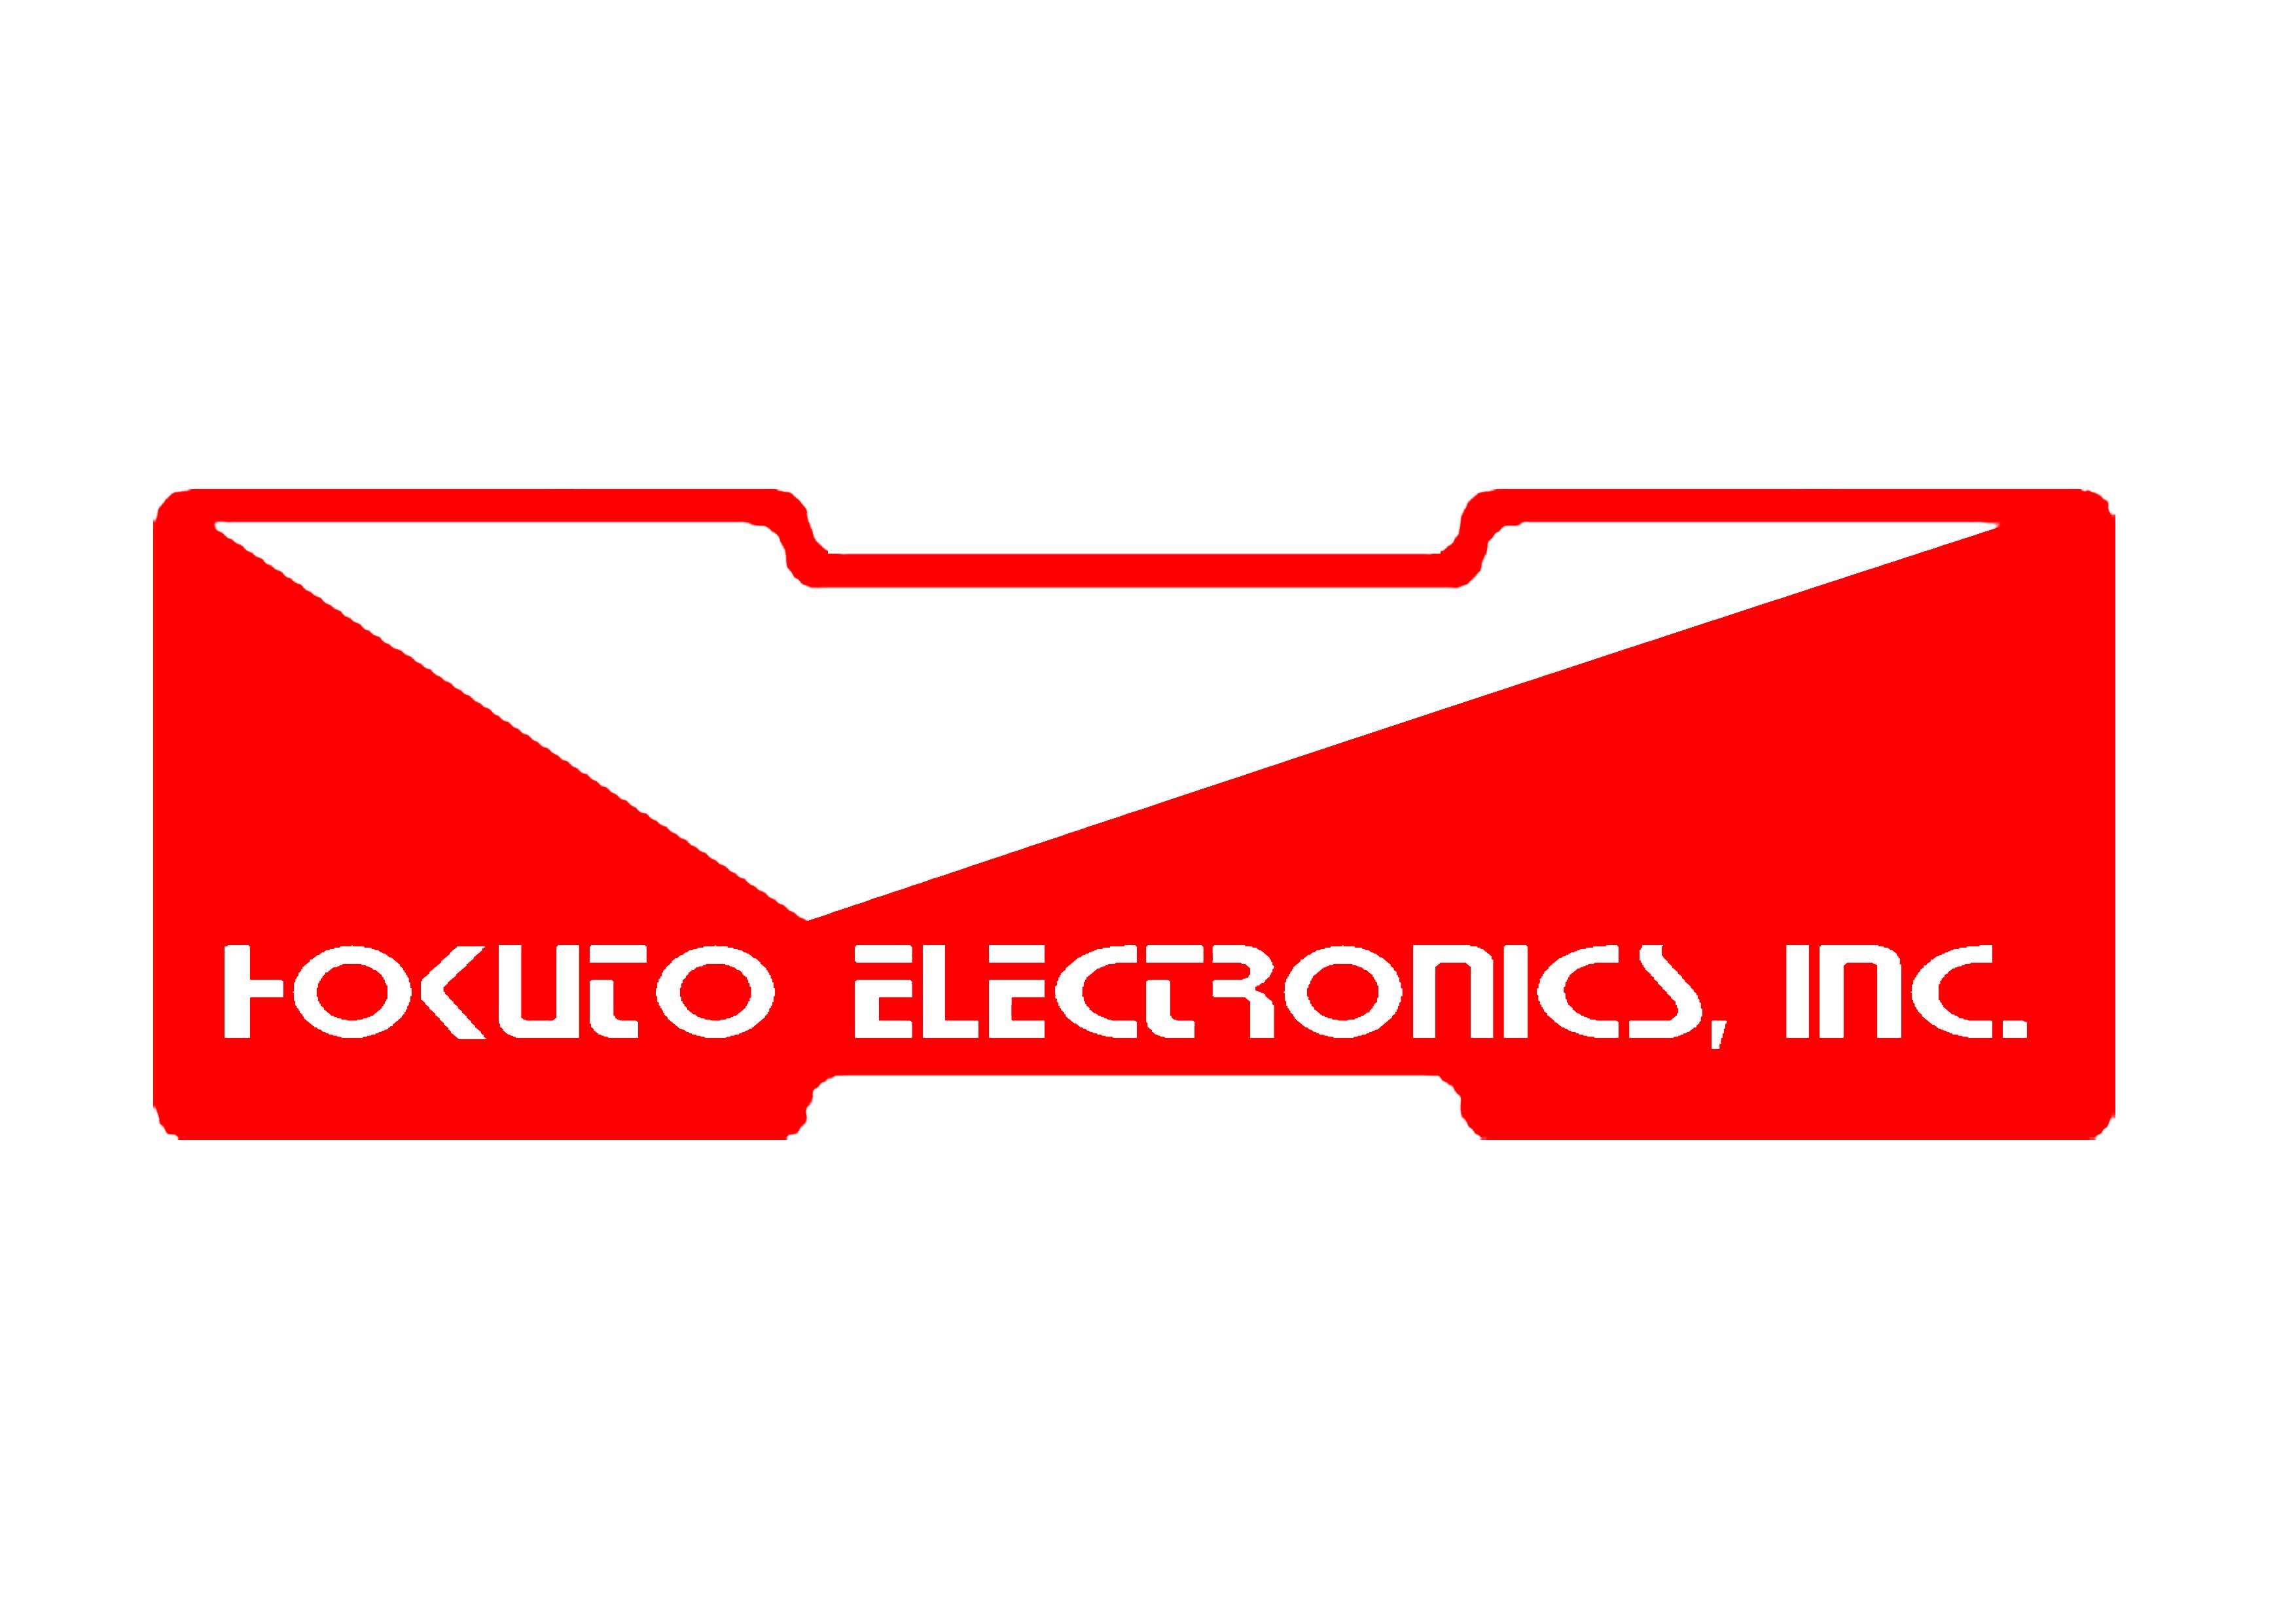 北斗電子工業㈱